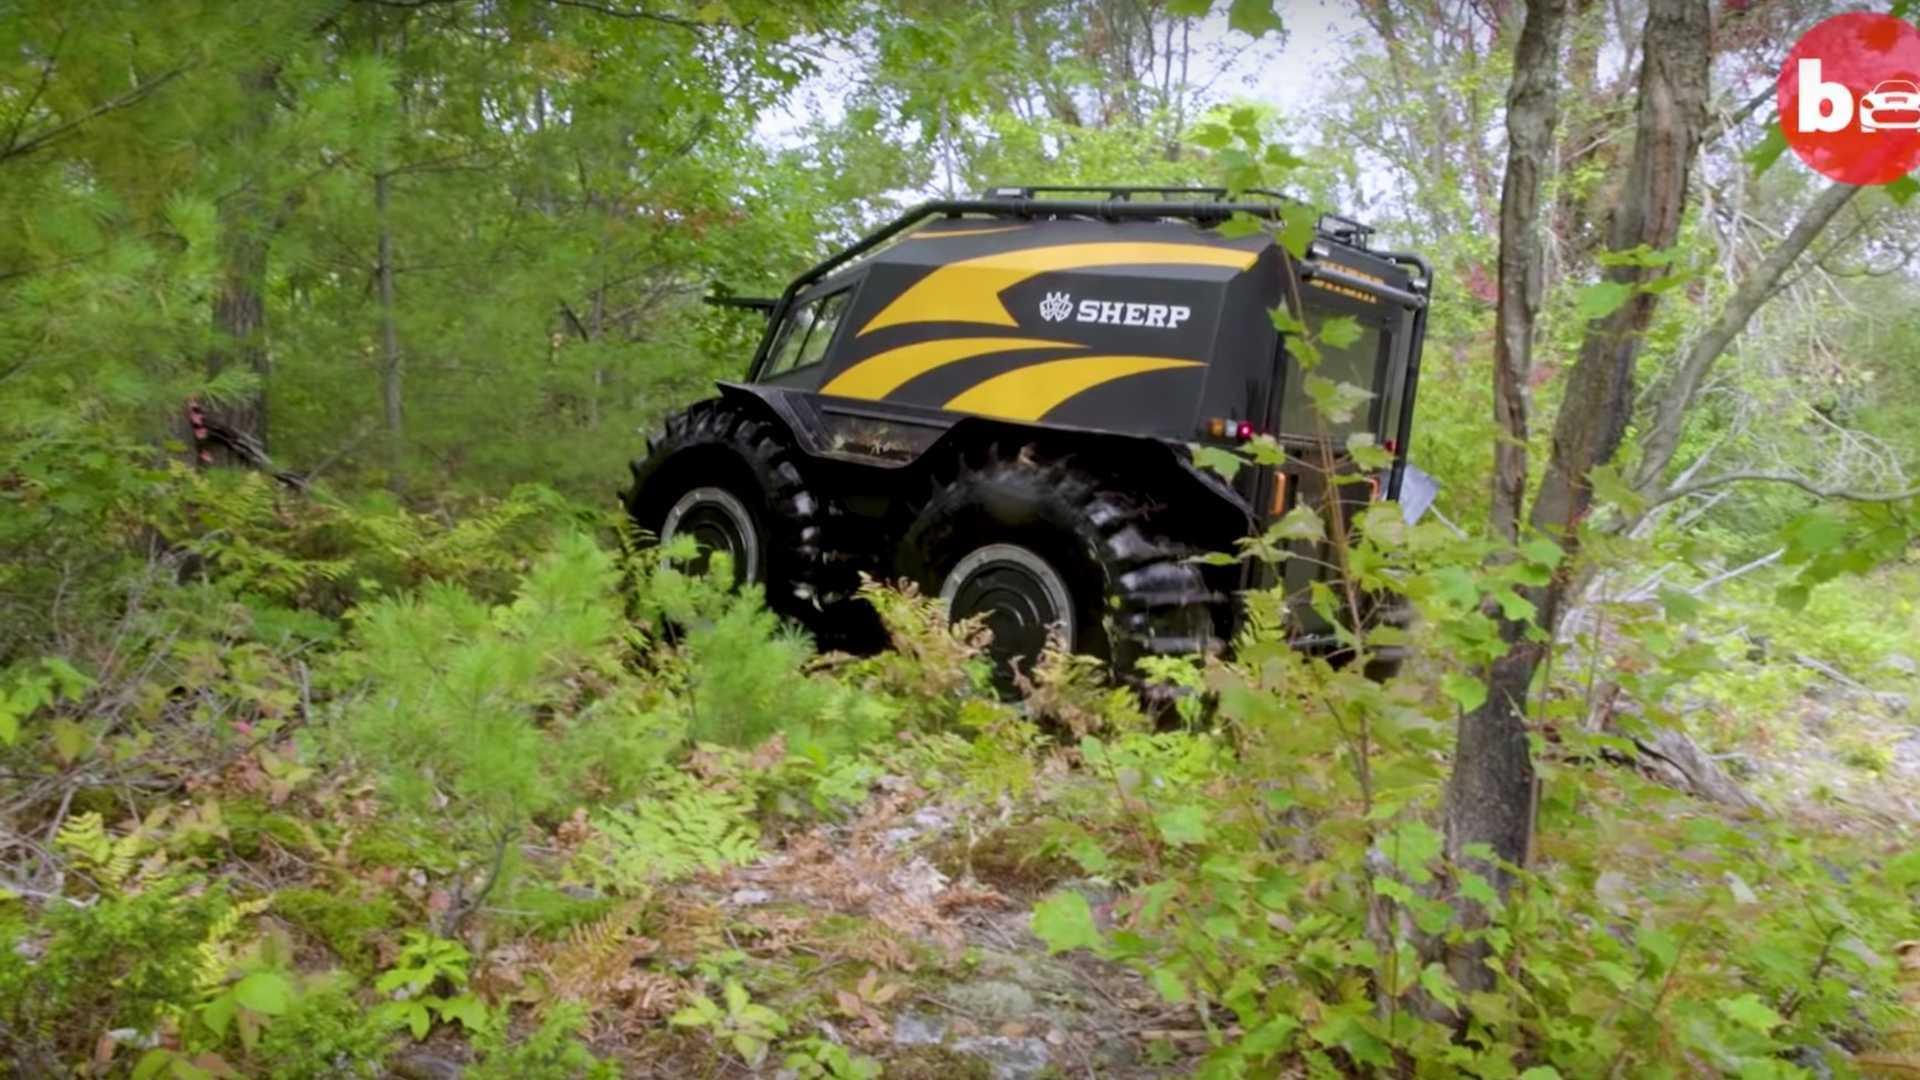 Ấn tượng ô tô Sherp ATV bất chấp mọi địa hình, có thể nổi trên nước Ảnh 4